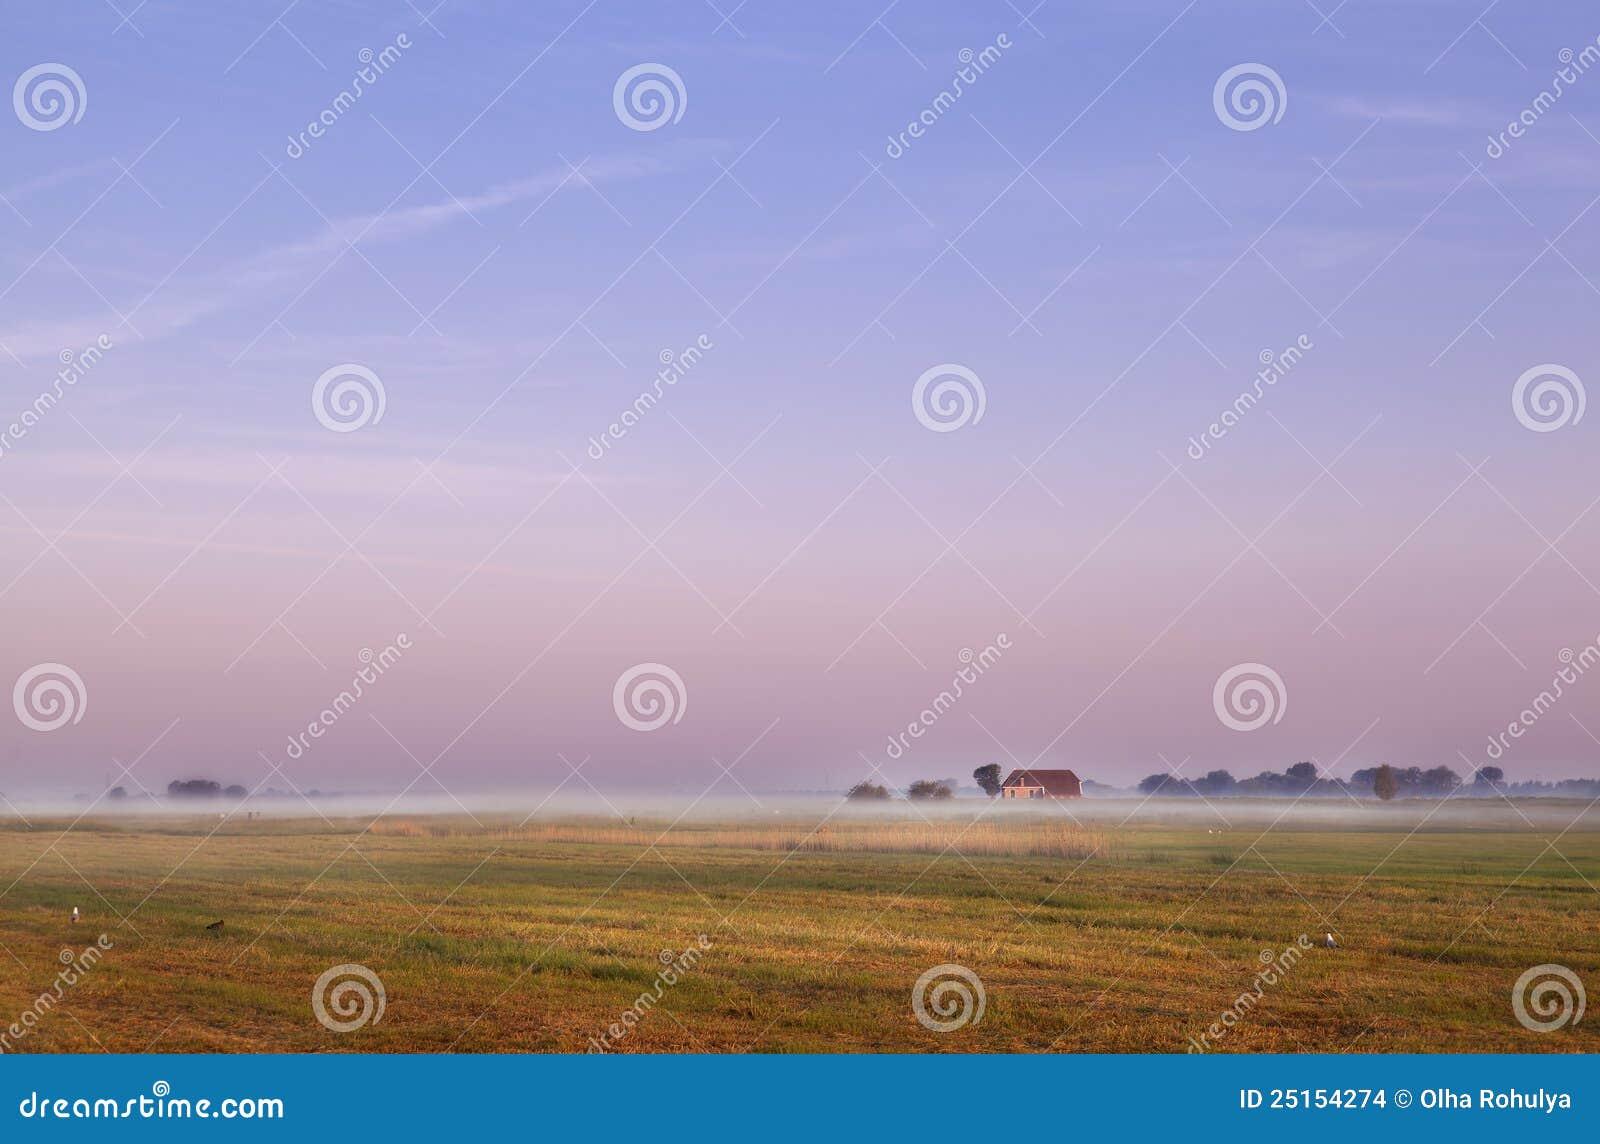 Holländischer Bauernhof am Sonnenaufgang